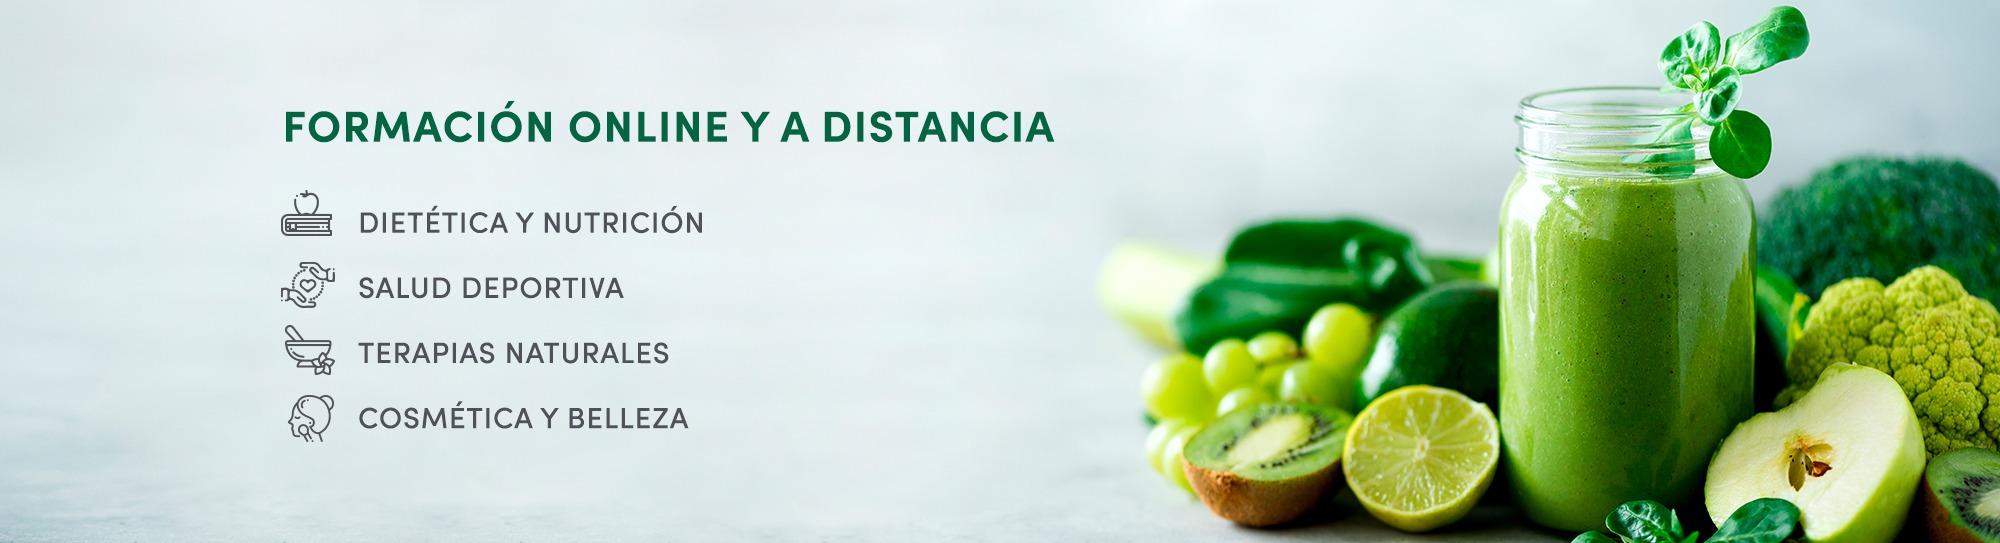 Instituto DYN cursos de nutrición y dietética